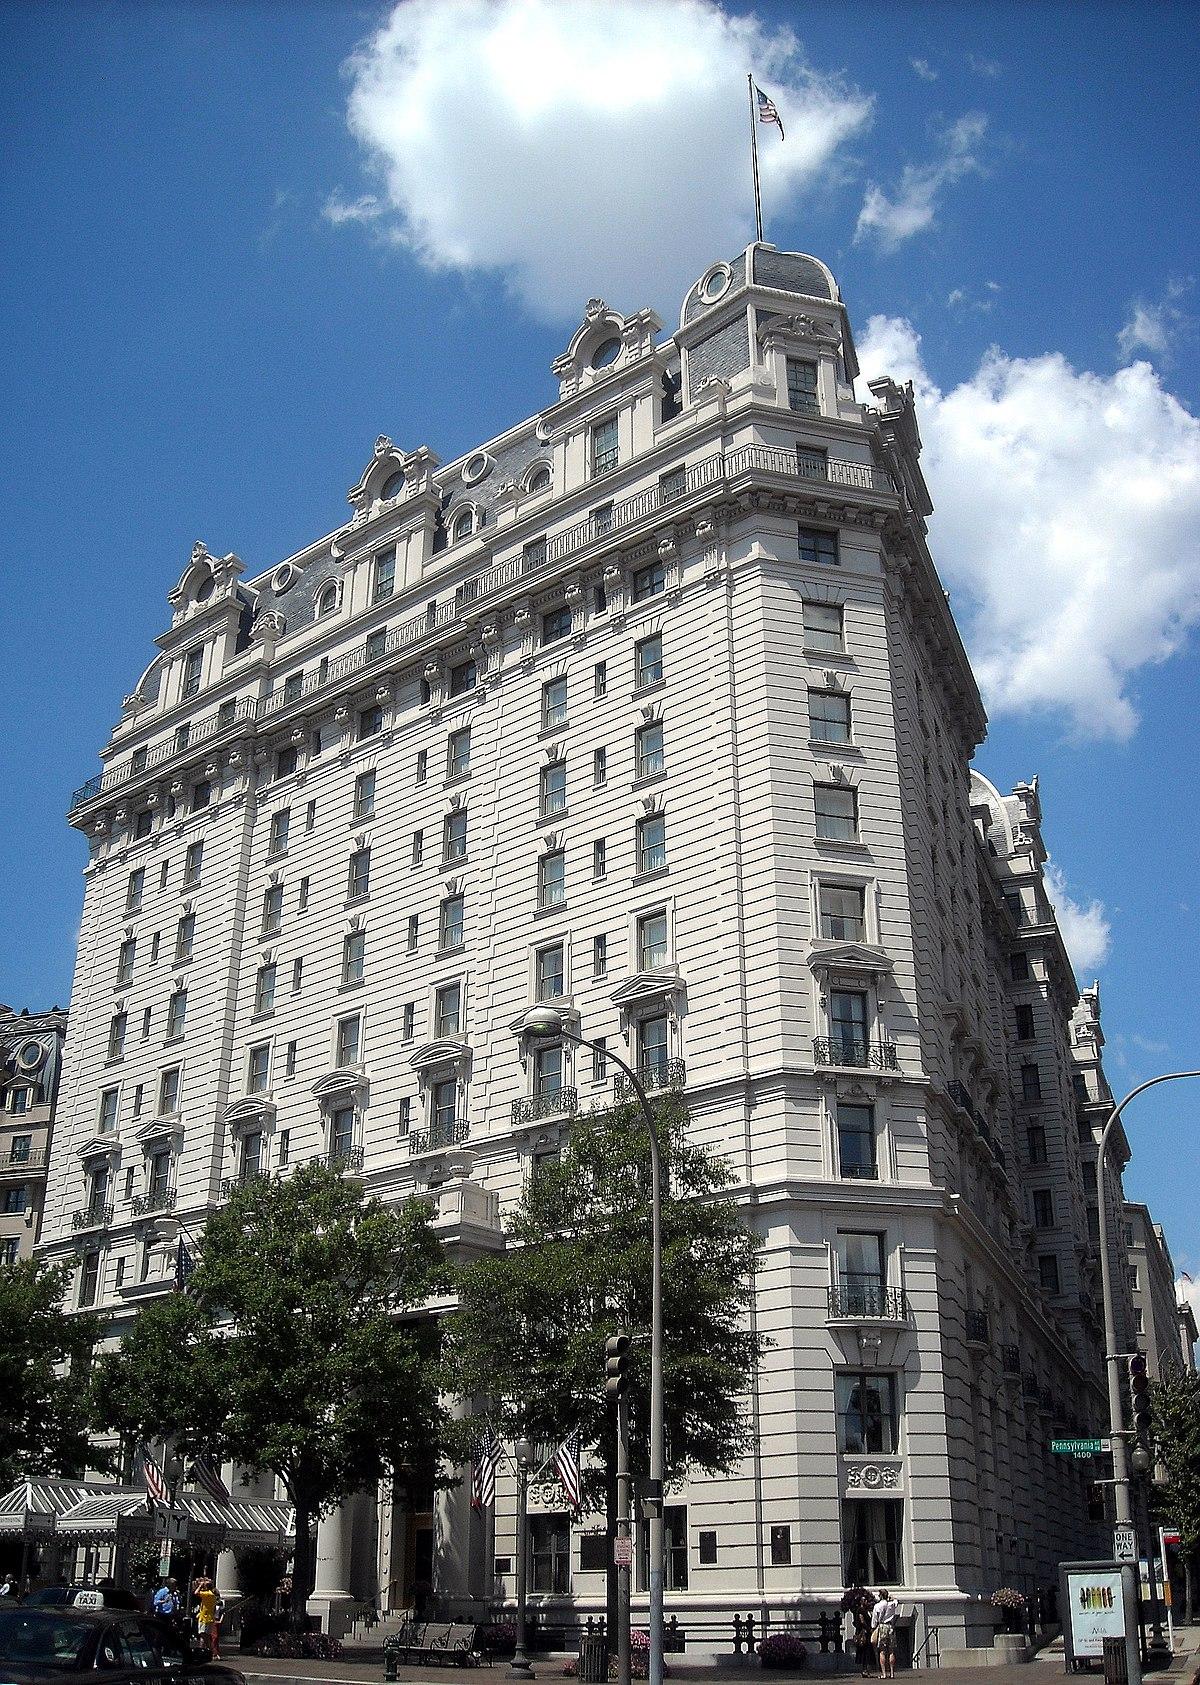 Hotel Sofitel Washington Dc Bed Bugs